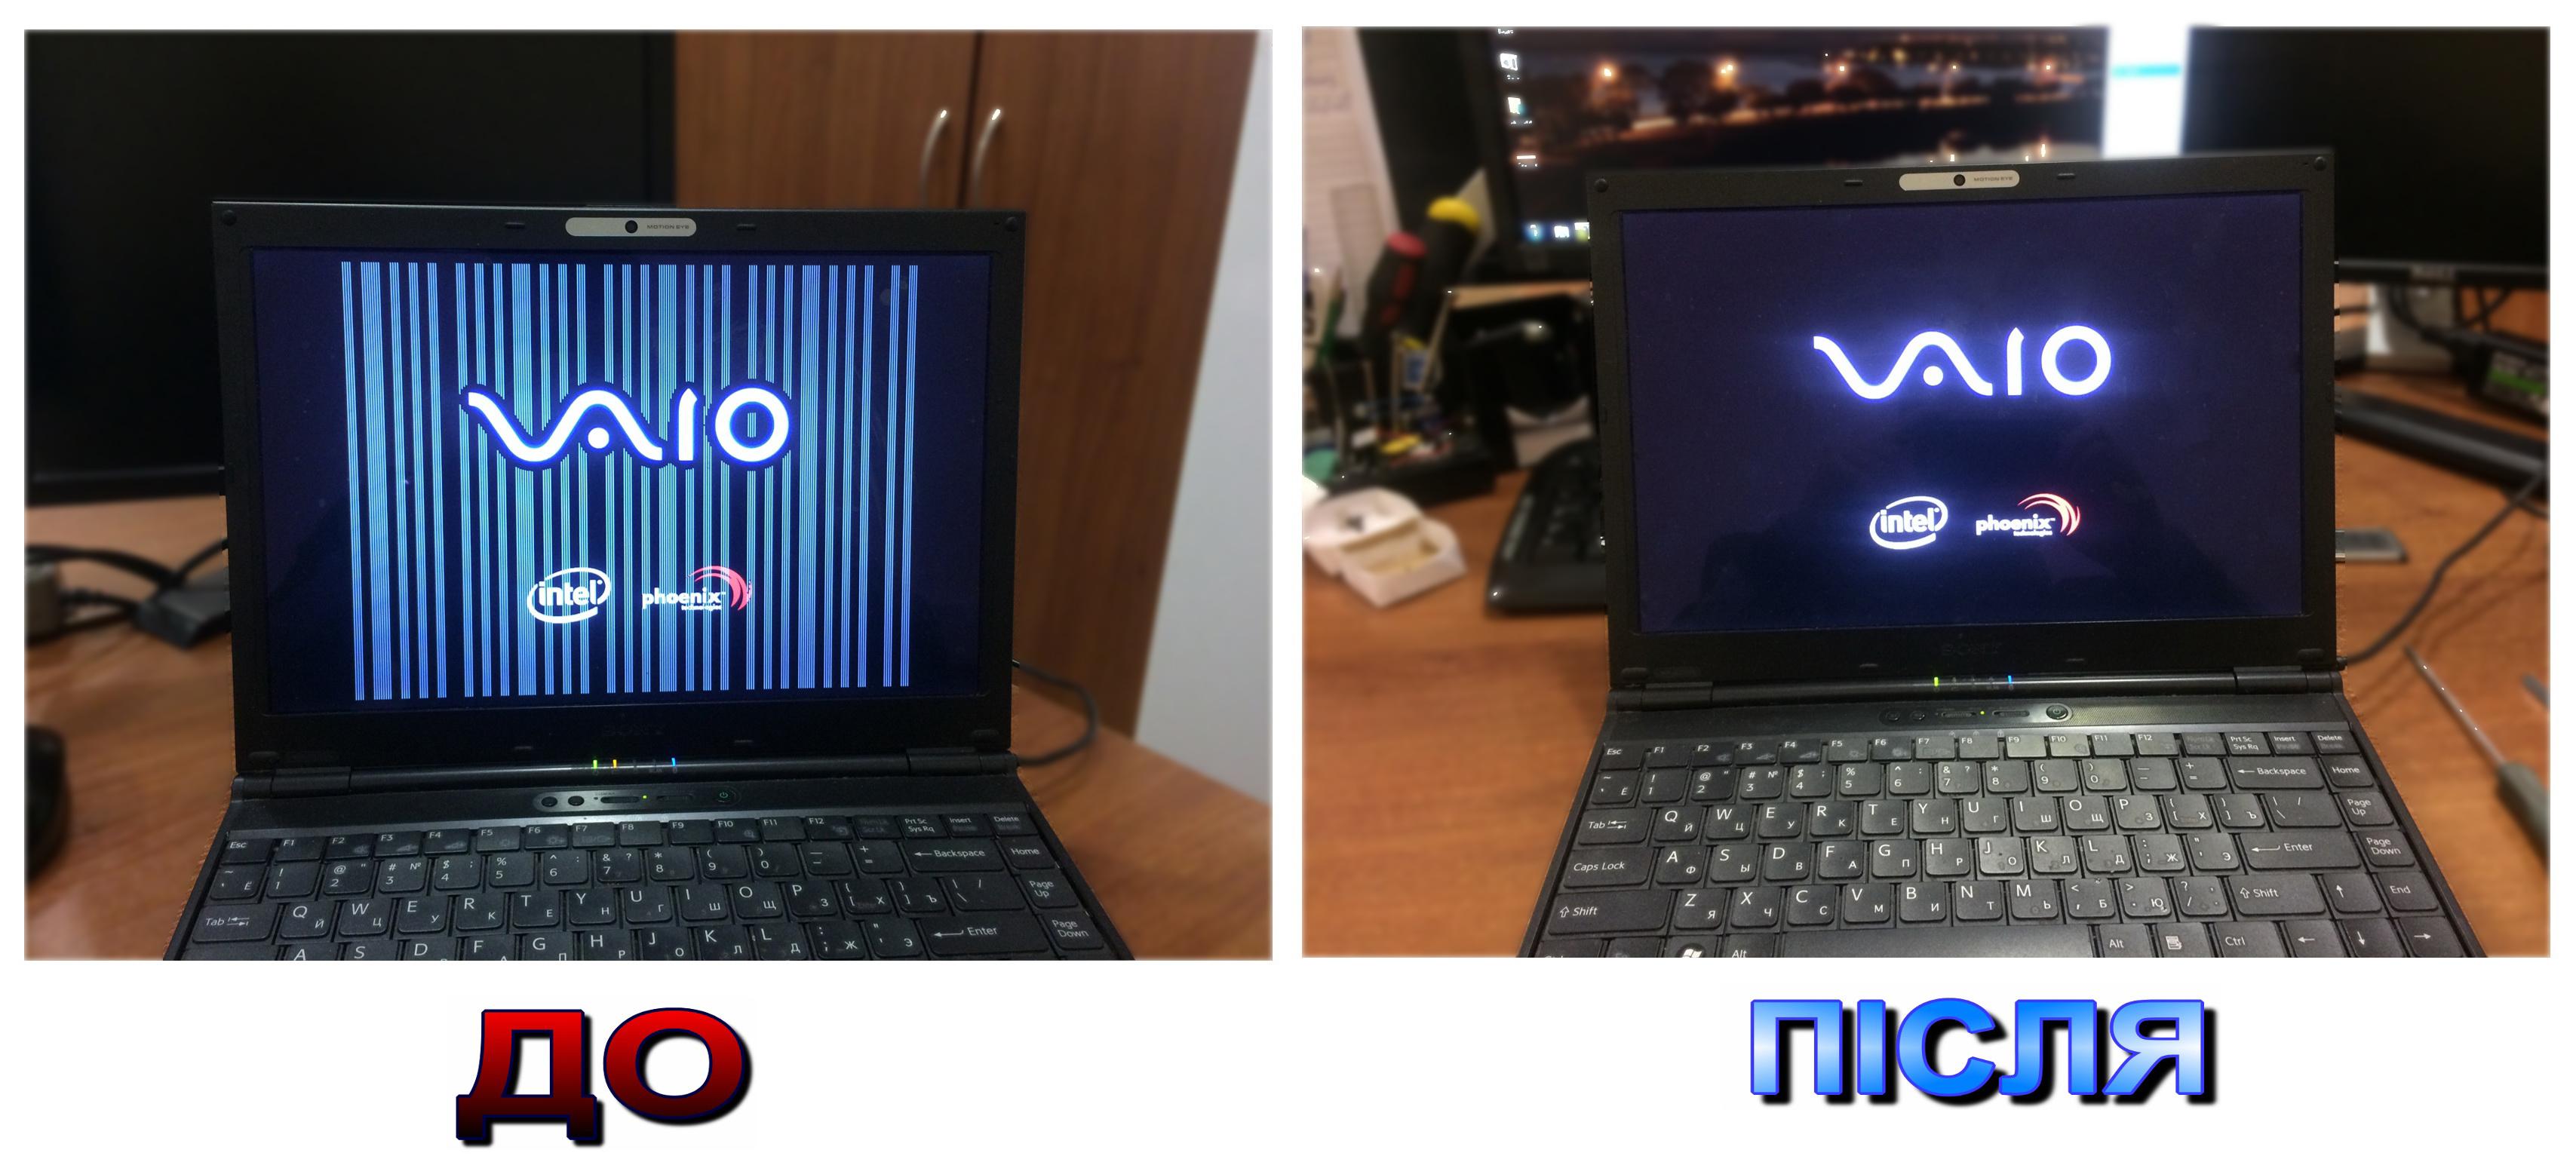 Фото Перестала завантажуватися ОС Windows причина - відео чіп.